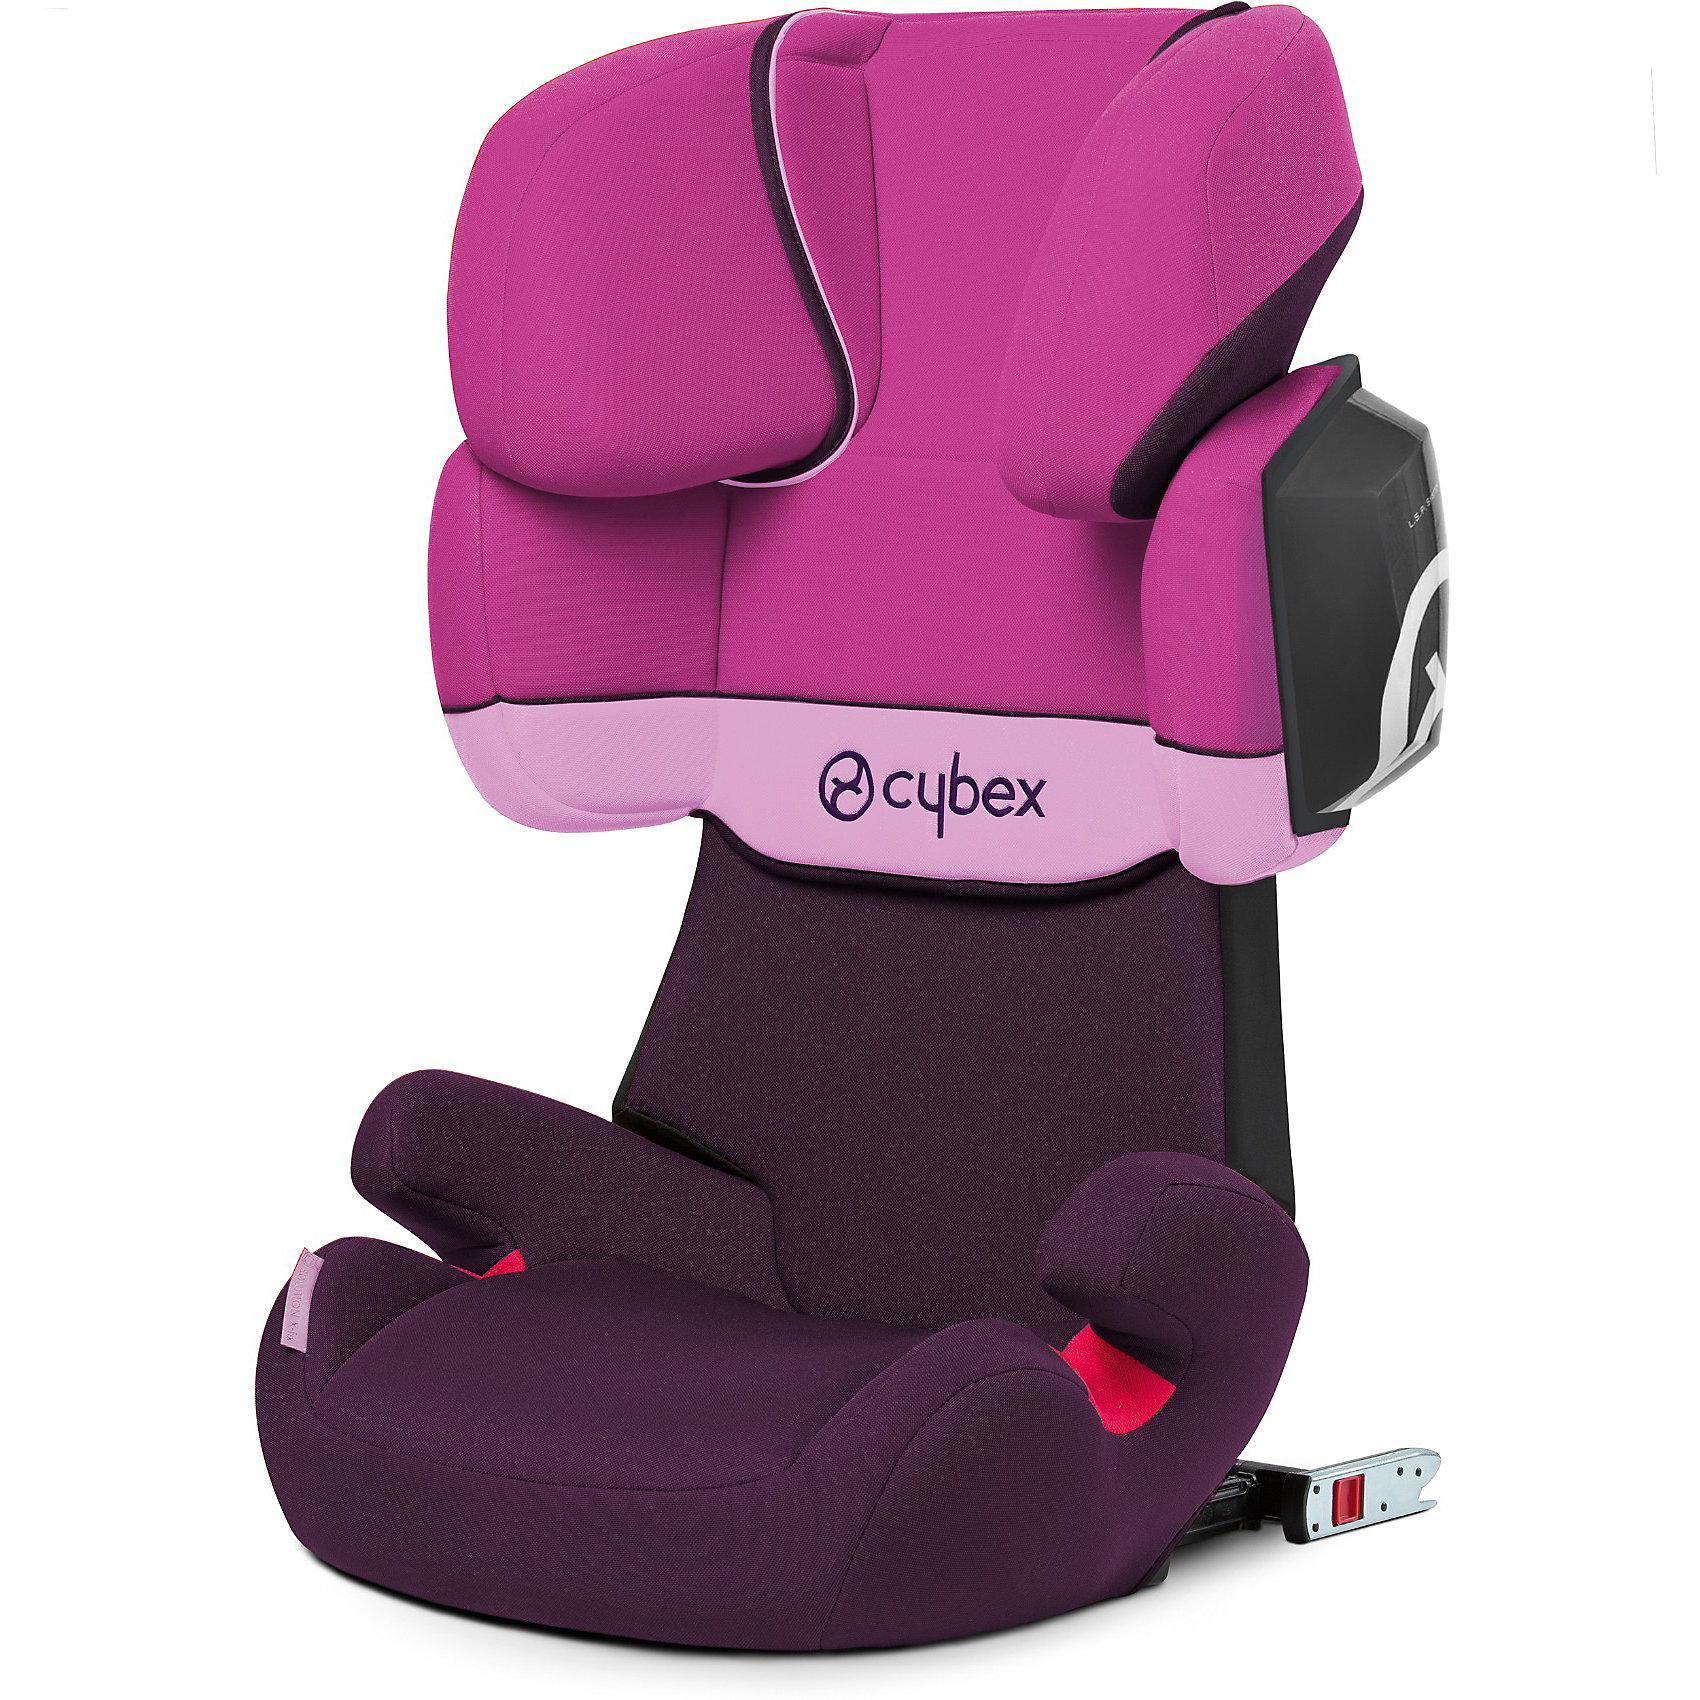 Автокресло Cybex Solution X2-Fix, 15-36 кг, Purple RainАвтокресла с креплением Isofix<br>Удобное надежное автокресло позволит перевозить ребенка, не беспокоясь при этом о его безопасности. Оно предназначено для предназначено для детей весом до 36 килограмм, можно использовать уже для 9-месячных малышей. Такое кресло обеспечит малышу не только безопасность, но и комфорт (регулируемая высота подголовника). Кресло легко трансформируется по мере вырастания ребенка.<br>Автокресло устанавливают по ходу движения. Такое кресло дает возможность свободно путешествовать, ездить в гости и при этом  быть рядом с малышом. Конструкция - очень удобная и прочная. Изделие произведено из качественных и безопасных для малышей материалов, оно соответствуют всем современным требованиям безопасности. Оно отлично показало себя на краш-тестах.<br> <br>Дополнительная информация:<br><br>цвет: сиреневый;<br>материал: текстиль, пластик;<br>вес ребенка: до 36 кг (3 года - 12 лет);<br>регулируемый по высоте подголовник;<br>съемный чехол;<br>по мере взросления ребенка трансформируется; <br>регулируемый угол наклона;<br>можно использовать со штатными ремнями или с дополнительной базой;<br>крепление по ходу движения;<br>система защиты от боковых ударов;<br>соответствие Европейскому стандарту безопасности ЕСЕ R44/04.<br><br>АвтокреслоJuno Solution X2-Fix, Purple Rain, от компании Cybex можно купить в нашем магазине.<br><br>Ширина мм: 785<br>Глубина мм: 482<br>Высота мм: 330<br>Вес г: 8102<br>Цвет: лиловый<br>Возраст от месяцев: 36<br>Возраст до месяцев: 144<br>Пол: Женский<br>Возраст: Детский<br>SKU: 3722570